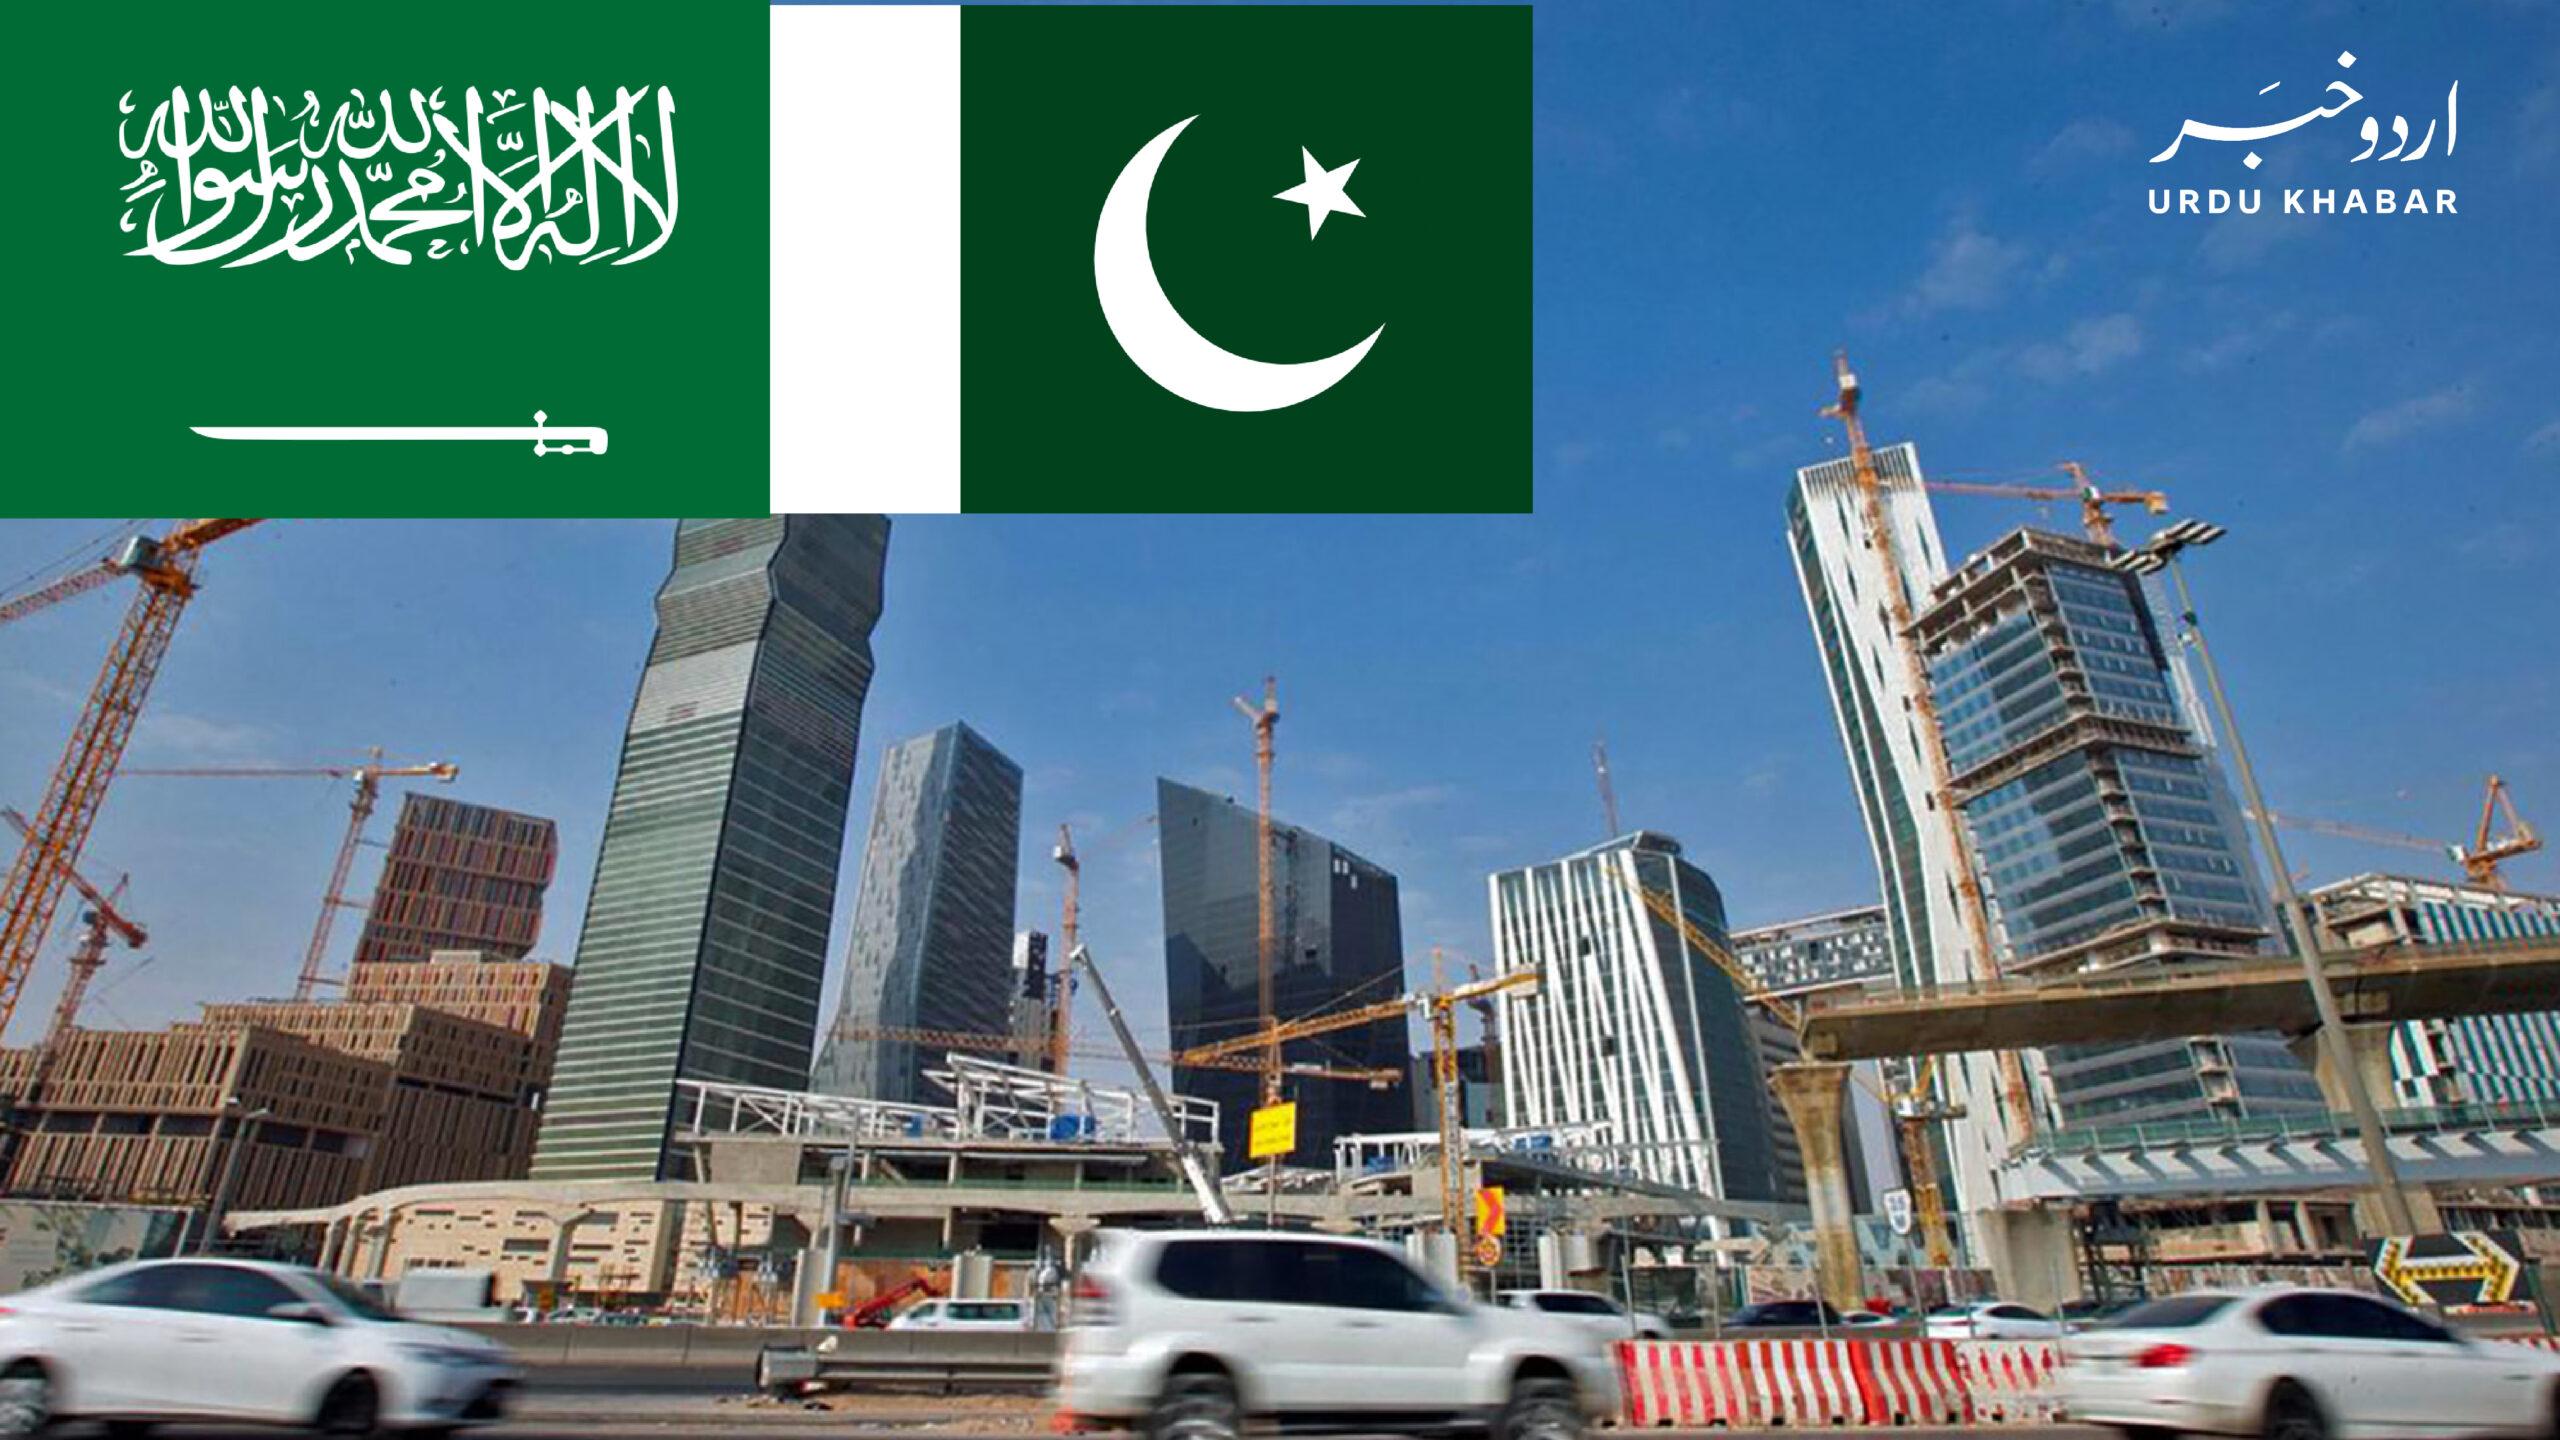 سعودی عرب دولت فنڈ میں پاکستانی کاروباروں کو انویسٹ کرنے کی دعوت